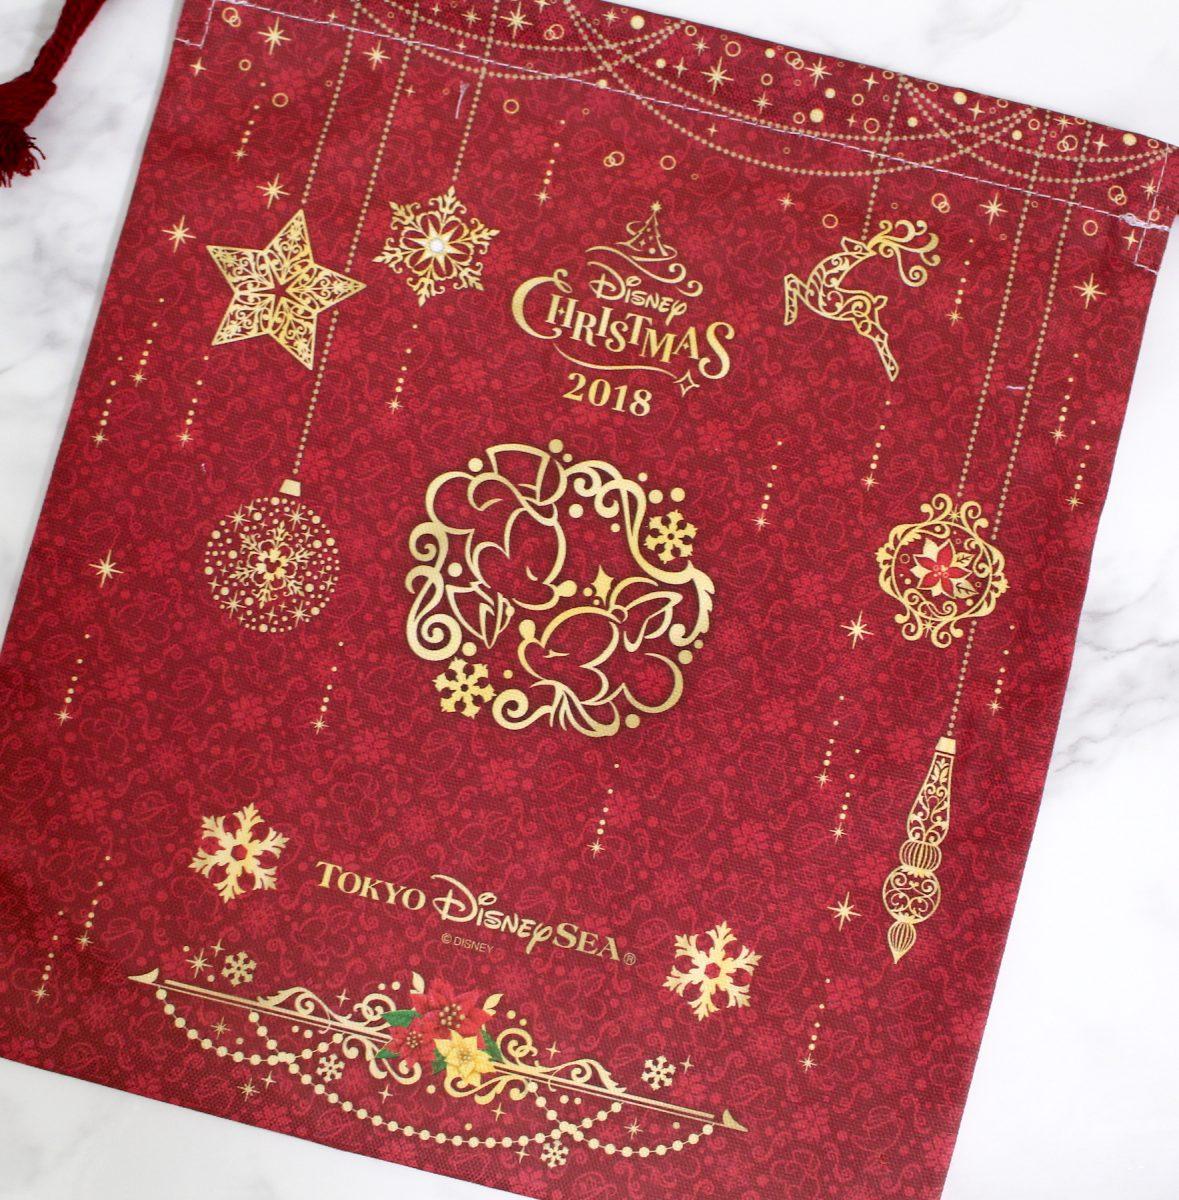 東京ディズニーシー ディズニー・クリスマス 巾着 裏